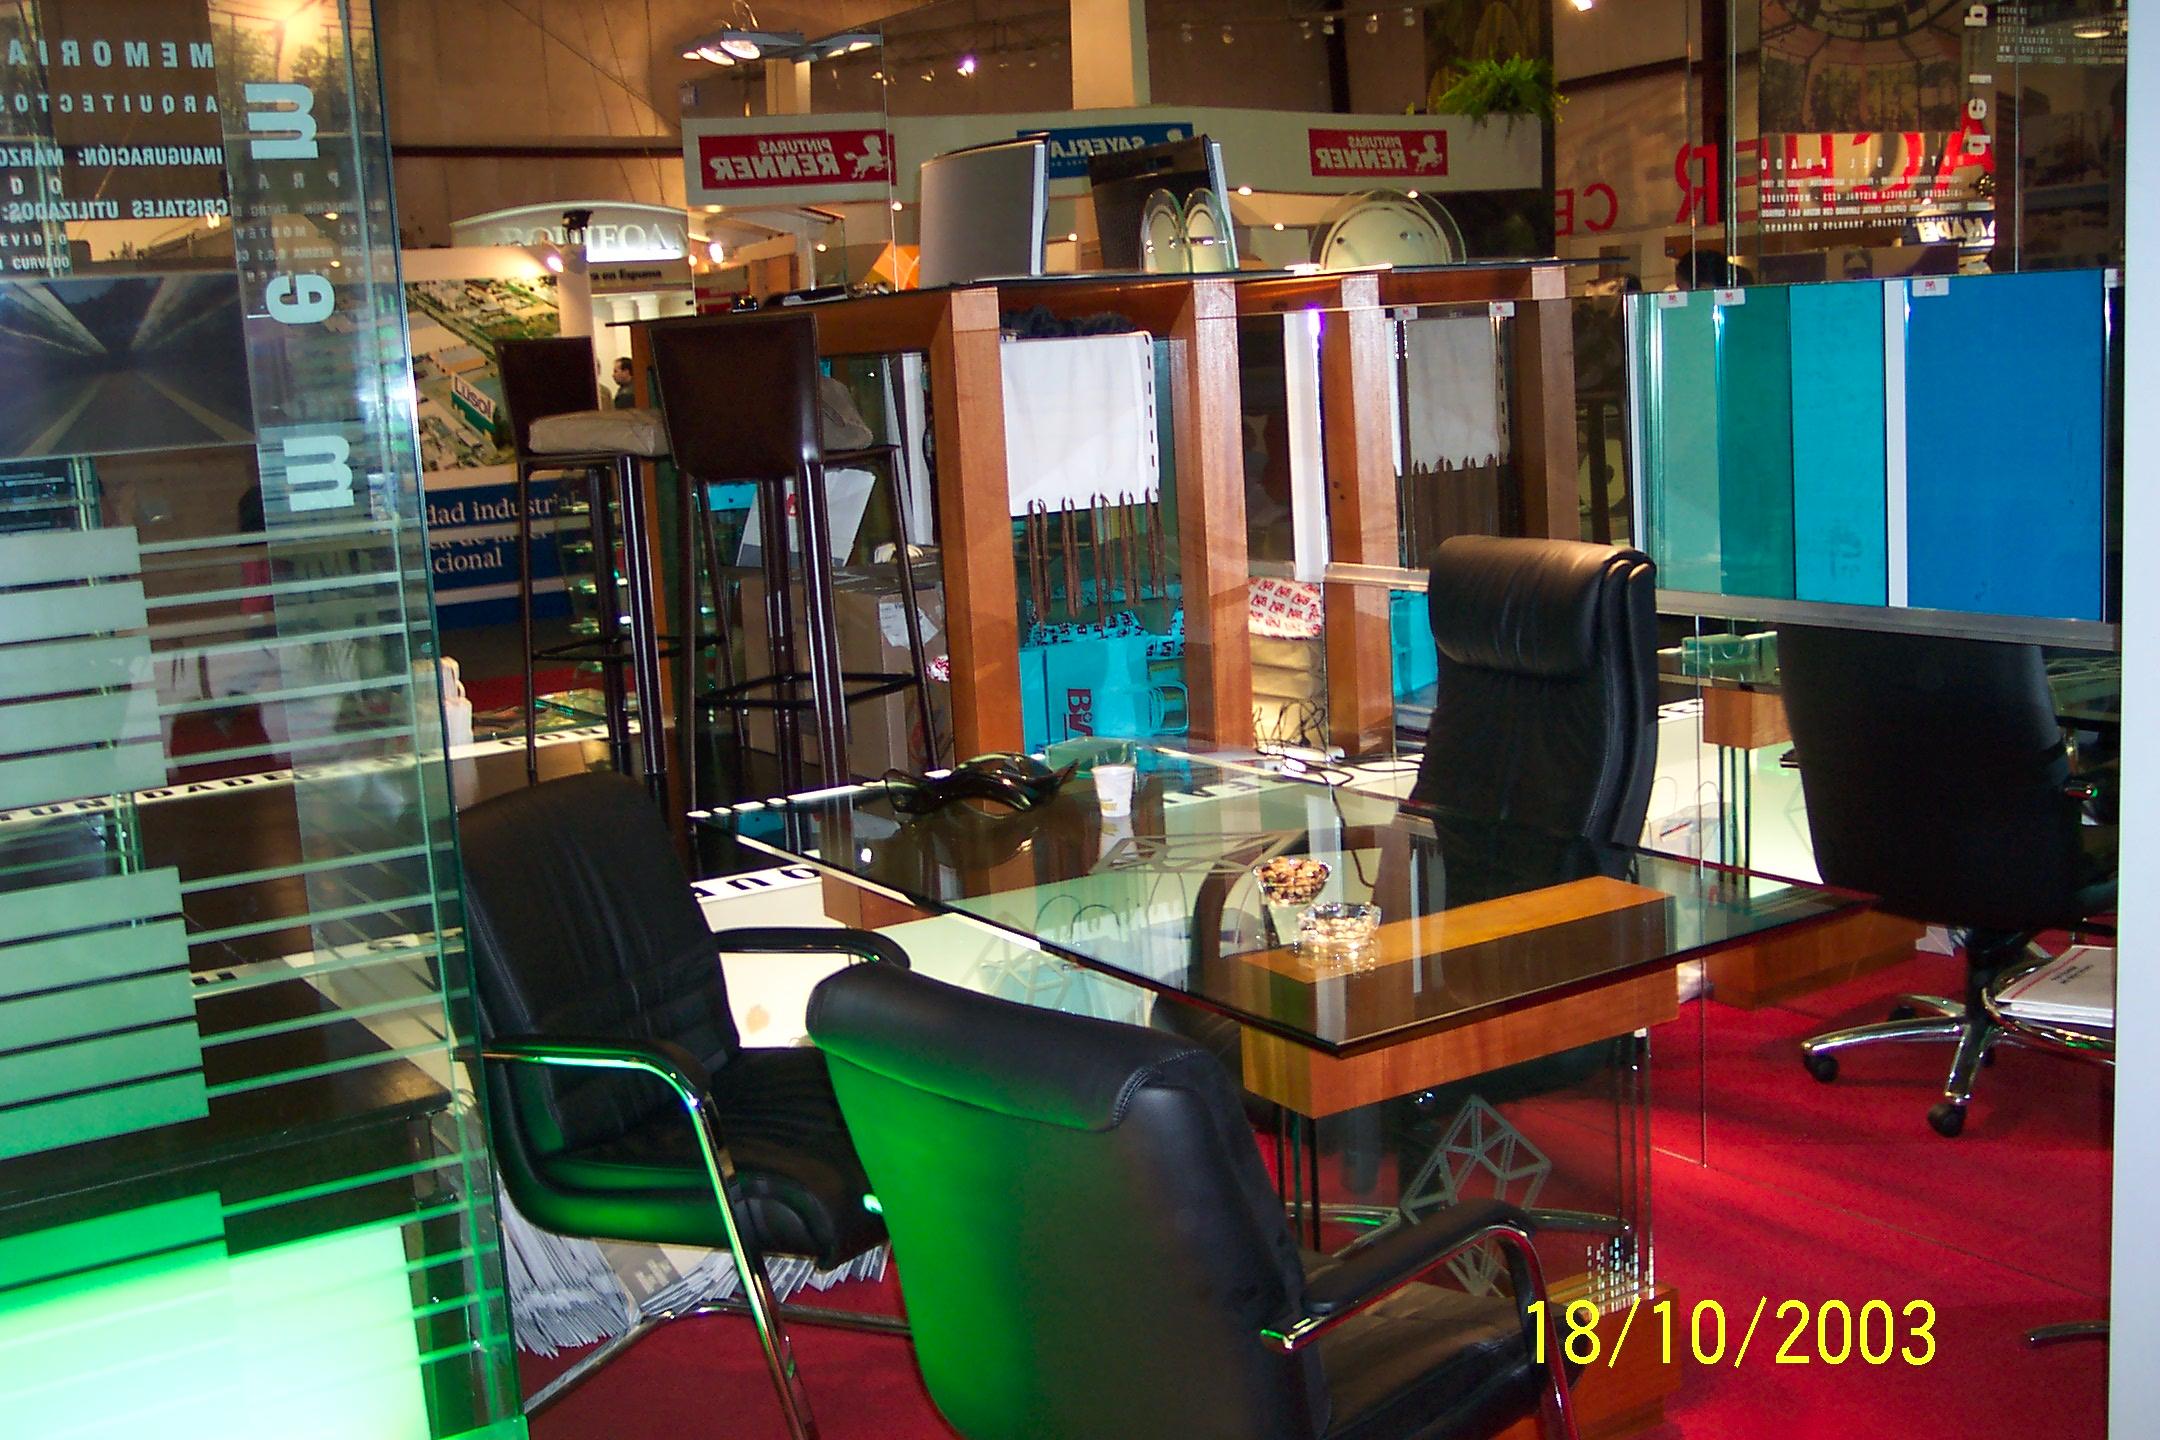 Stand de Vidriería Bia en Feria de la Construcción 2003/2005